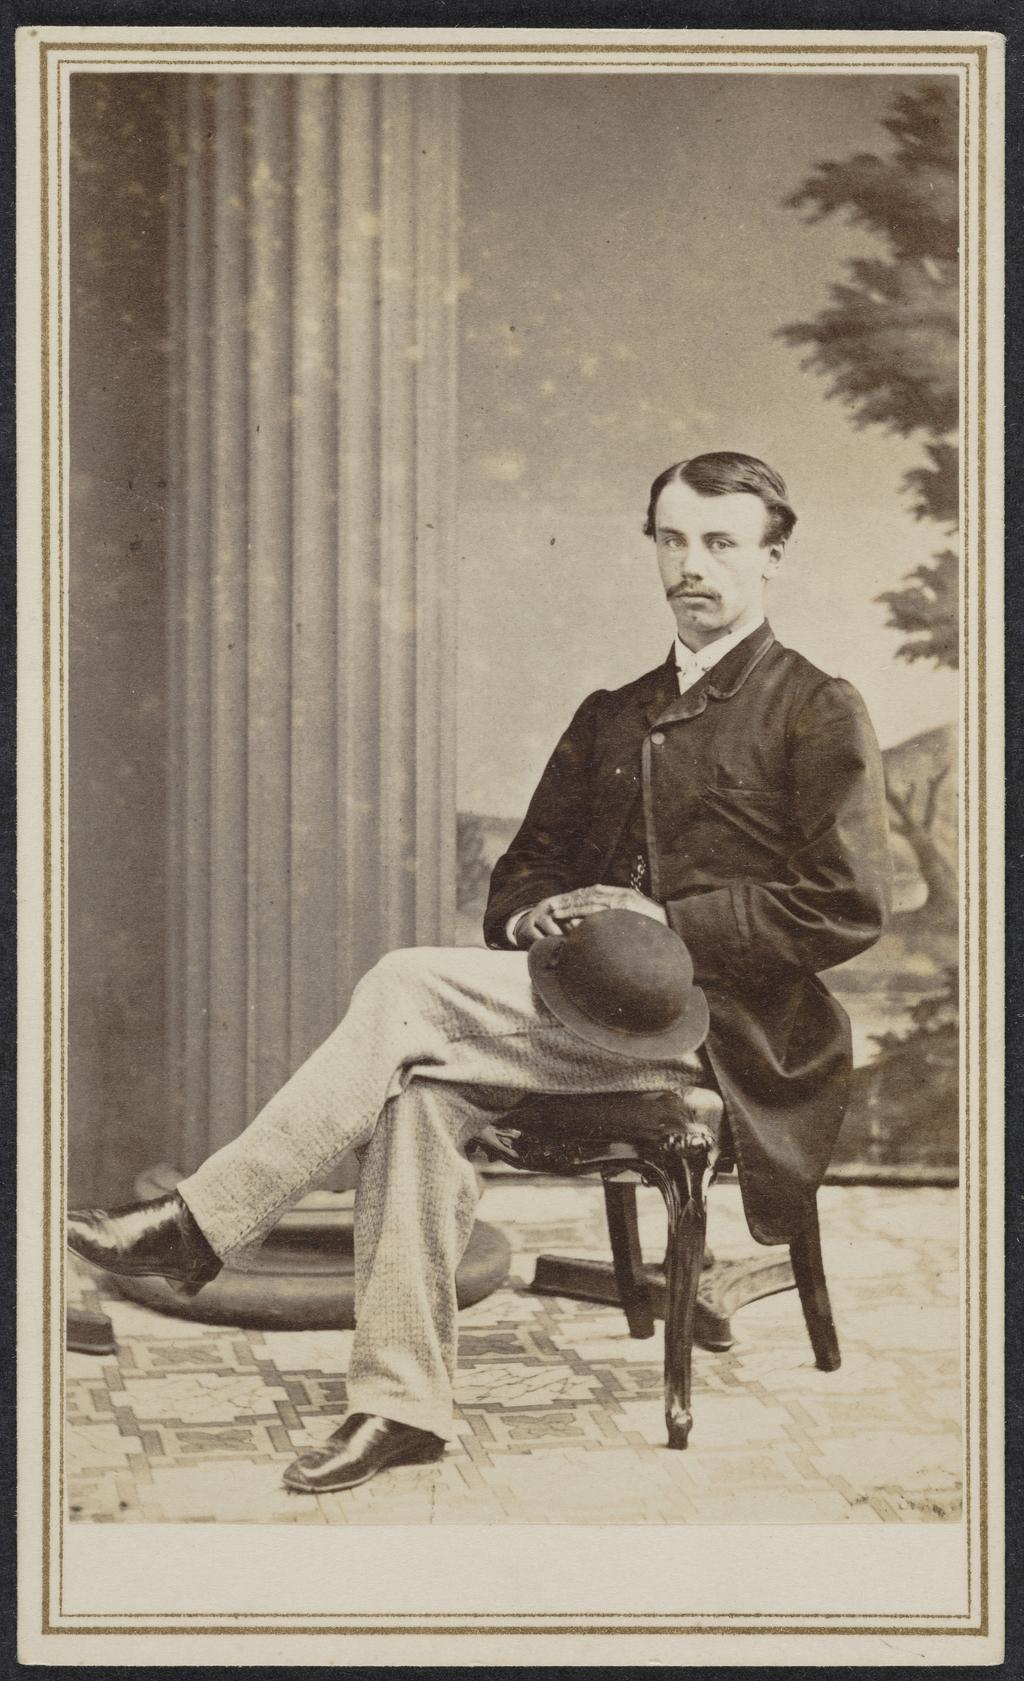 Portrait d'homme, de l'album de collection dit de Richard Alleyn